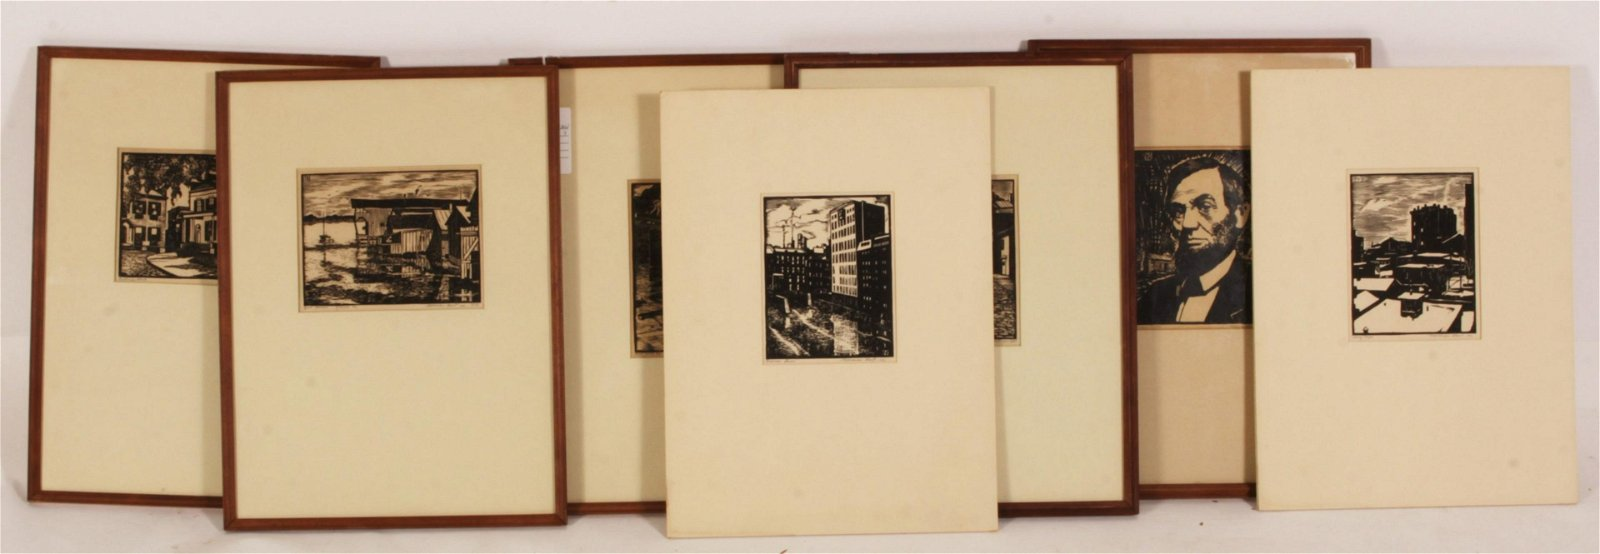 Norman Kent, 7 Woodblock Prints